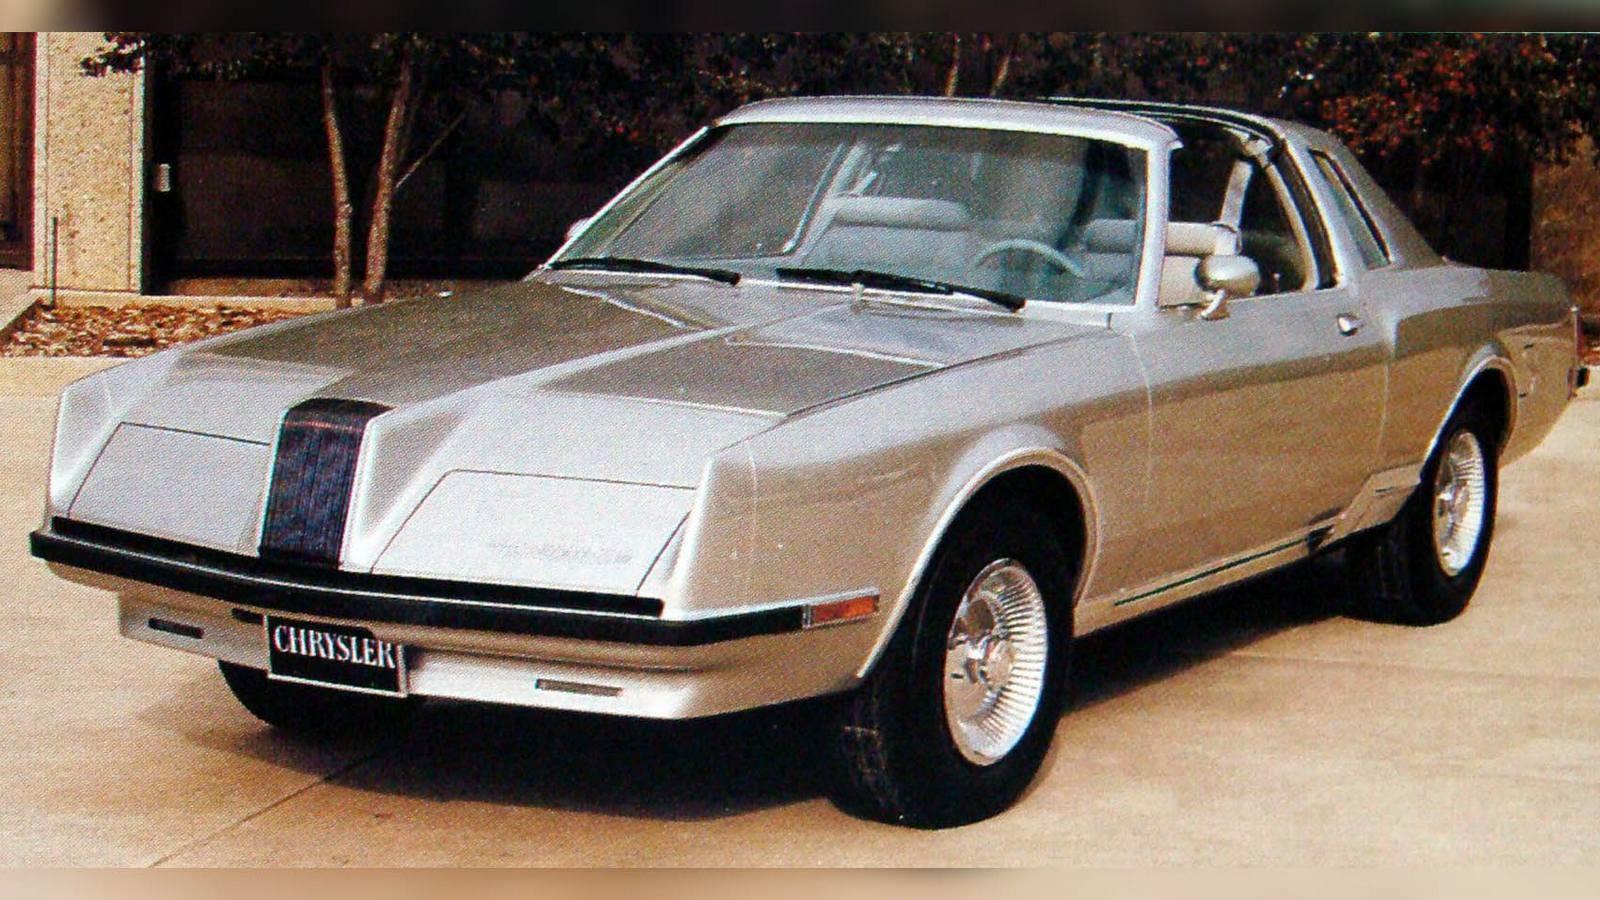 Так начался стремительный закат газотурбинной автотехники, и только компания Chrysler умудрилась продержаться еще двадцать (!) лет, приспосабливаясь к новым жёстким нормативам для обычных легковушек. На машины выпуска 1960–1970-х годов обрушились проблемы аномально высокого уровня оксидов азота в выхлопных газах и максимальной экономии топлива. На помощь автомобилям последнего седьмого поколения пришла фирма Ghia, придавшая им особую специфическую угловато-остроконечную внешность.Последняя газотурбинная машина компании Chrysler на базе автомобиля Dodge Mirada. 1980 годНо всё это не помогло. До начала 1981 года в общей сложности корпорация Chrysler собрала 77 газотурбинных машин, включая 50 экземпляров модели Turbine, уничтоженных собственными руками.В следующей статье мы расскажем об уникальных советских и иностранных рекордных автомобилях, тяжелых грузовиках и междугородных автобусах с газотурбинными двигателями.На заглавной фотографии — Скоростная газотурбинная машина Firebird XP-21 на фоне легкого бомбардировщика F-84F (1953 год)